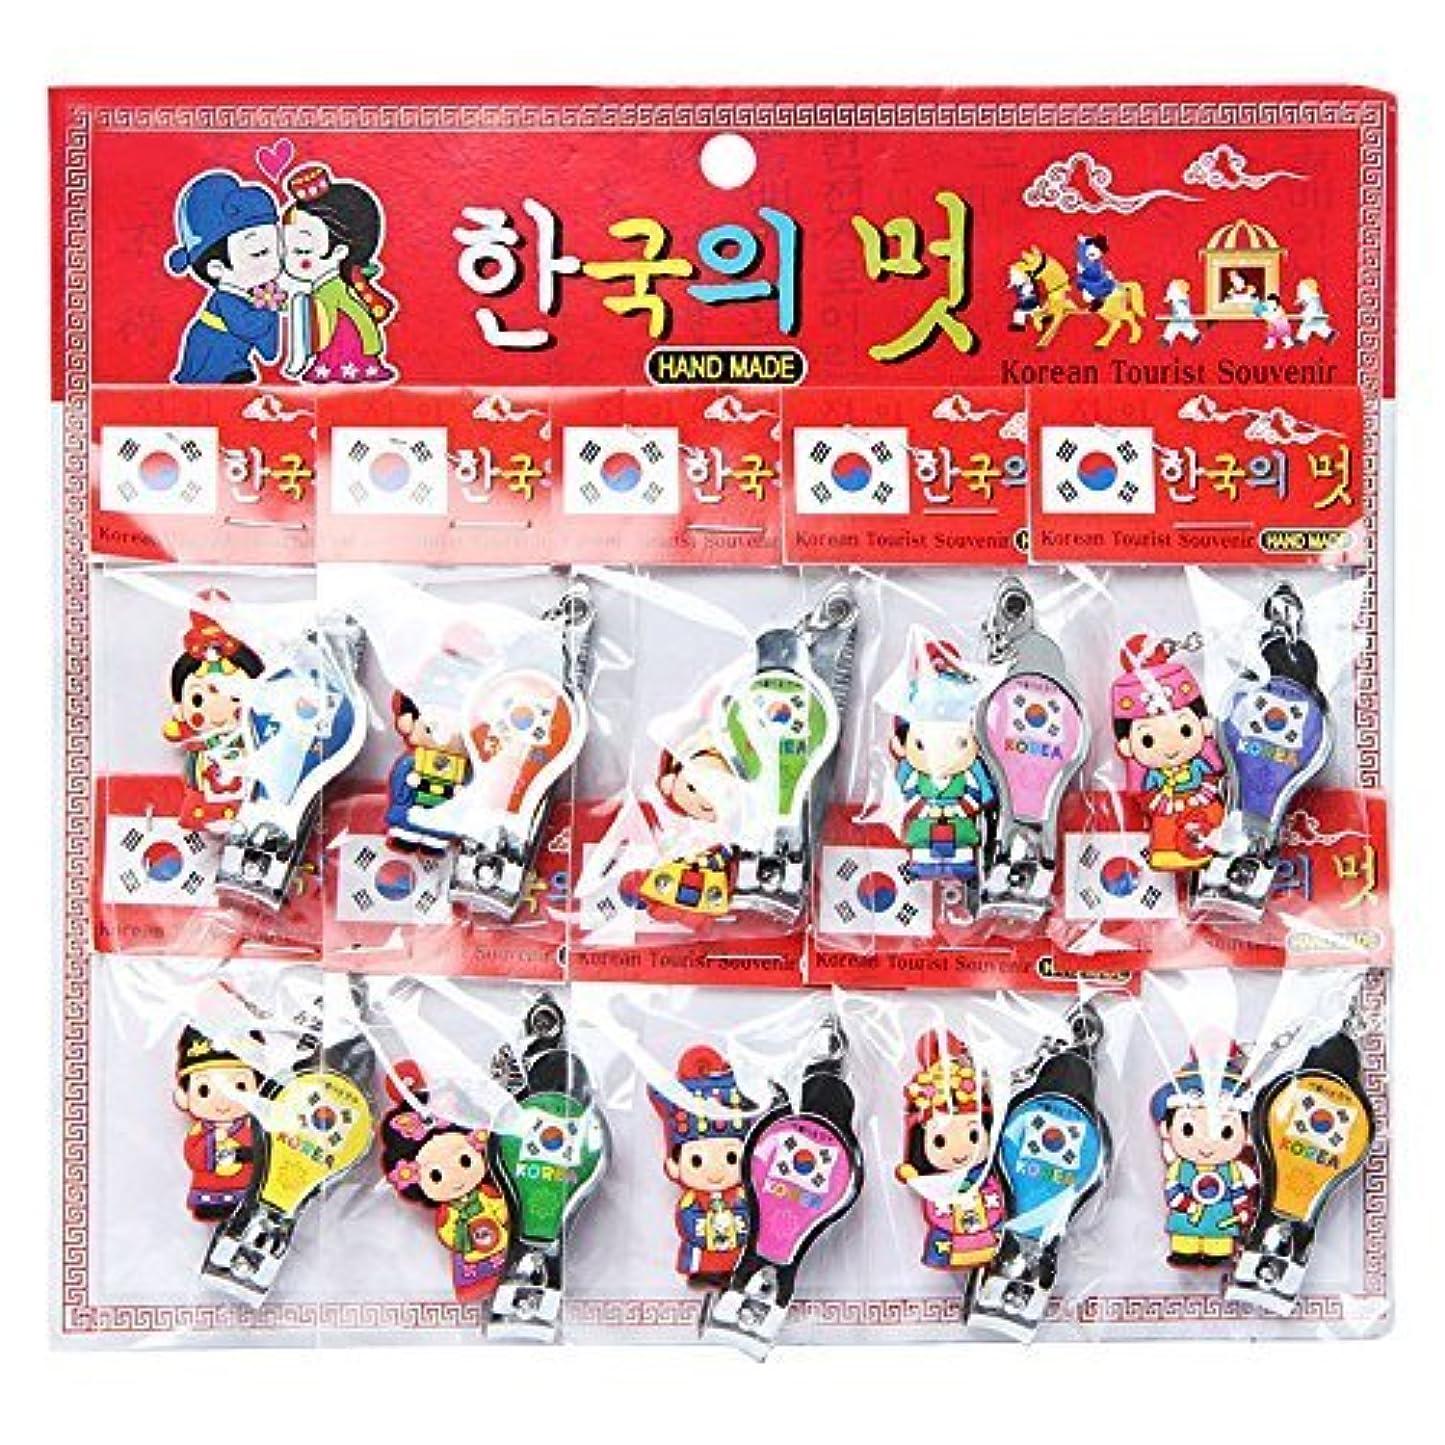 ギャップ耐久スコアKOREA style Nail clippers / 韓国のお土産ギフト [並行輸入品]